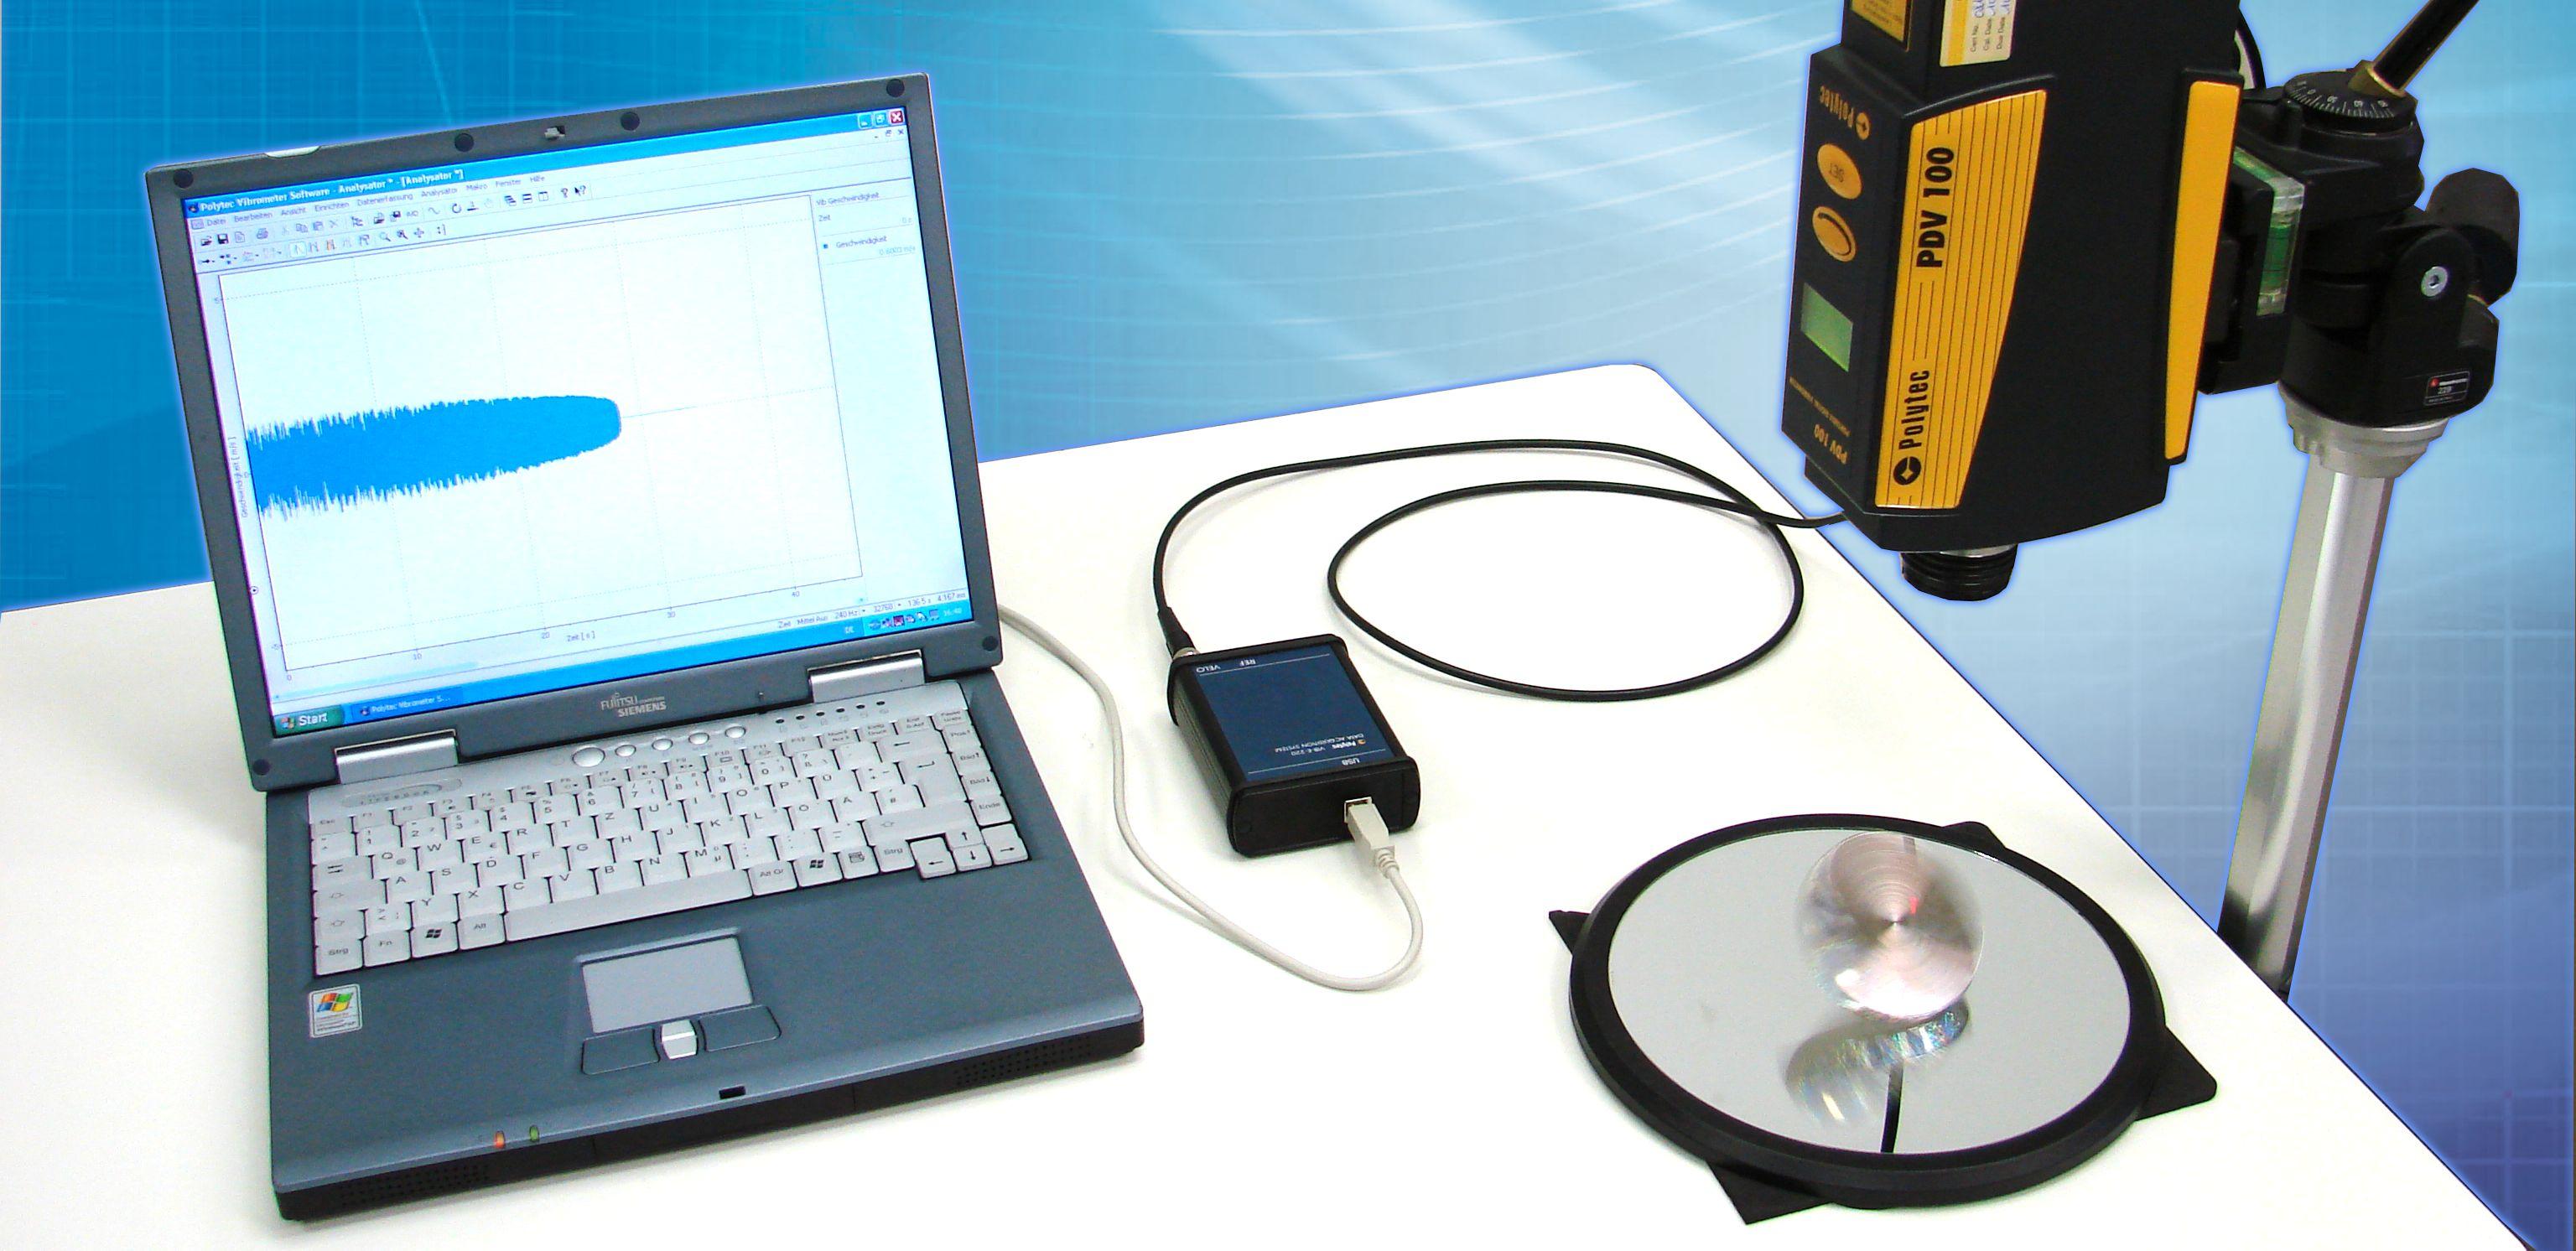 Mit Kabel Neueste Technik 8 Port Km Synchronizor Usb Tastatur Und Maus Synchron Controller Für Mehrere Pcs Spiel Control